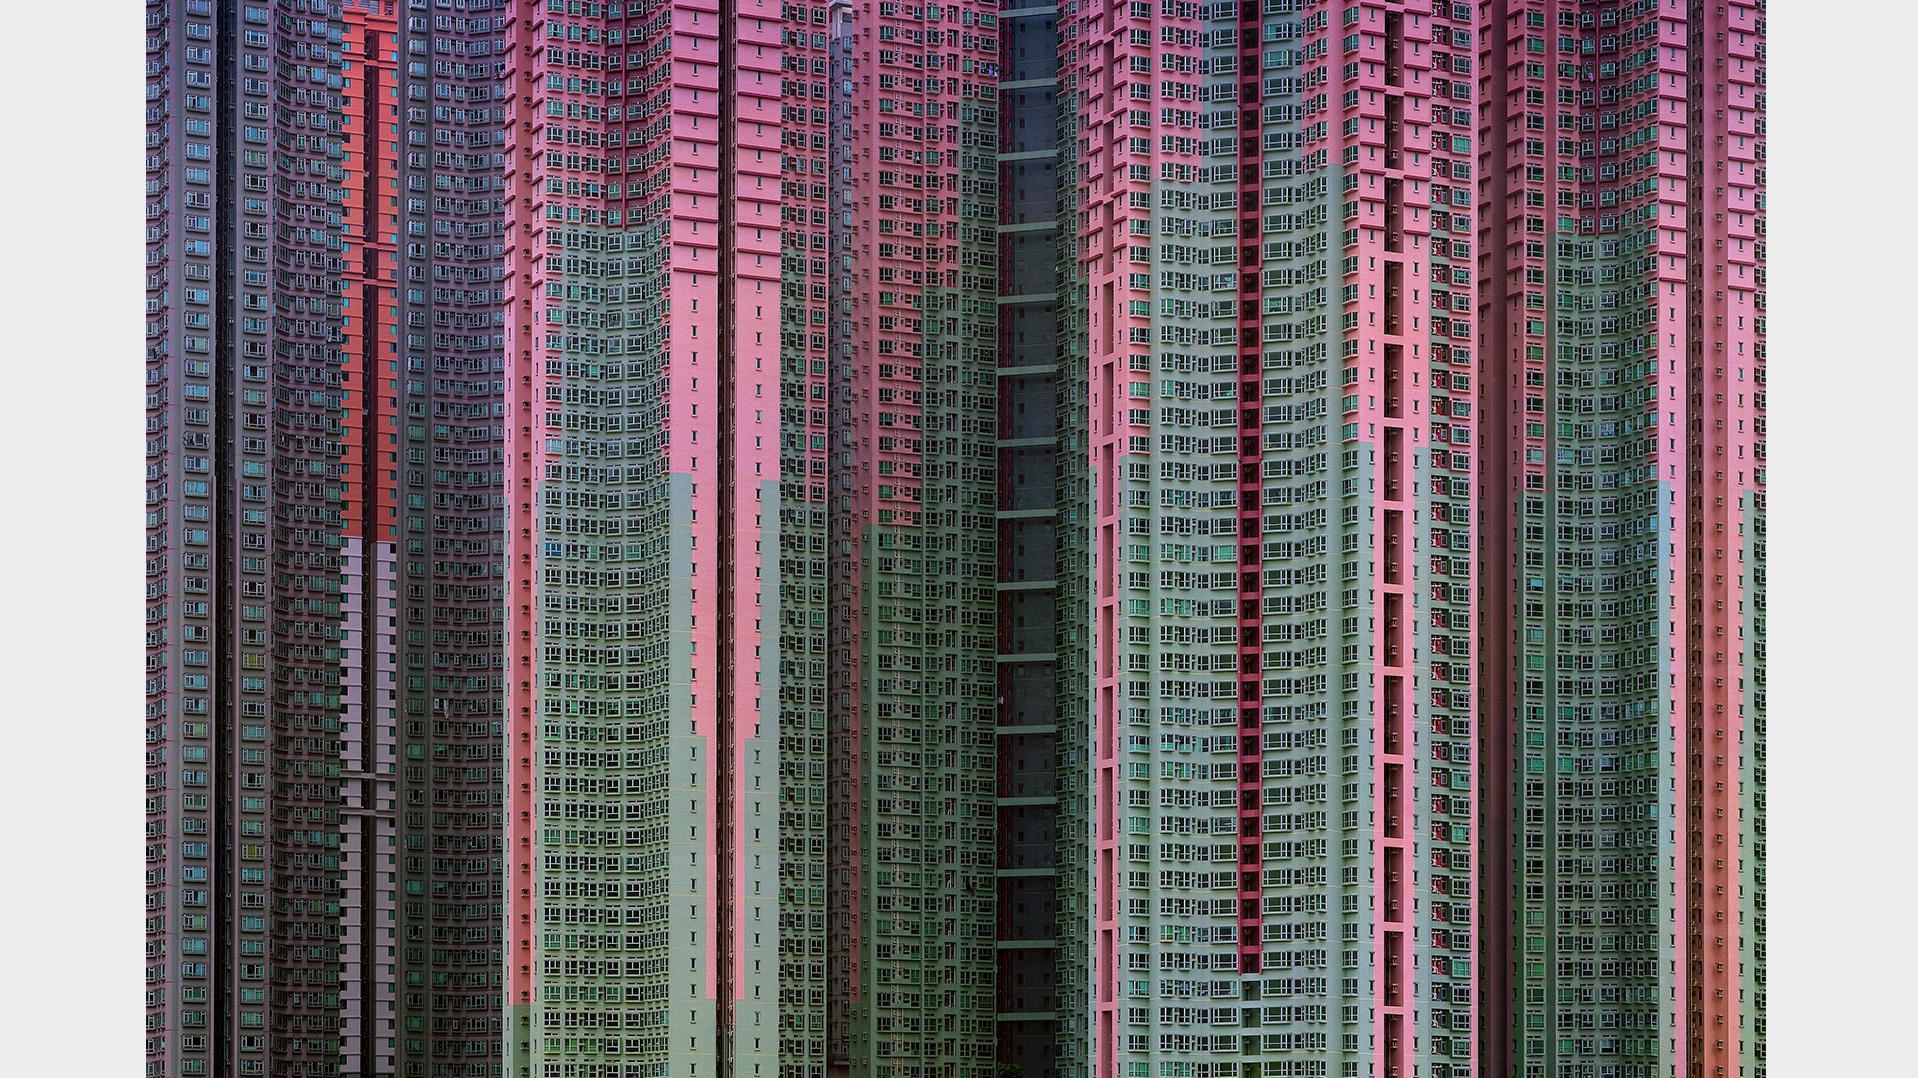 Fotografien von Hochäusern in Hong Kong, der überfüllten Stadt, sind so geschnitten, dass Himmel und Horizont fehlen und das Bild fast abstrakt wird.